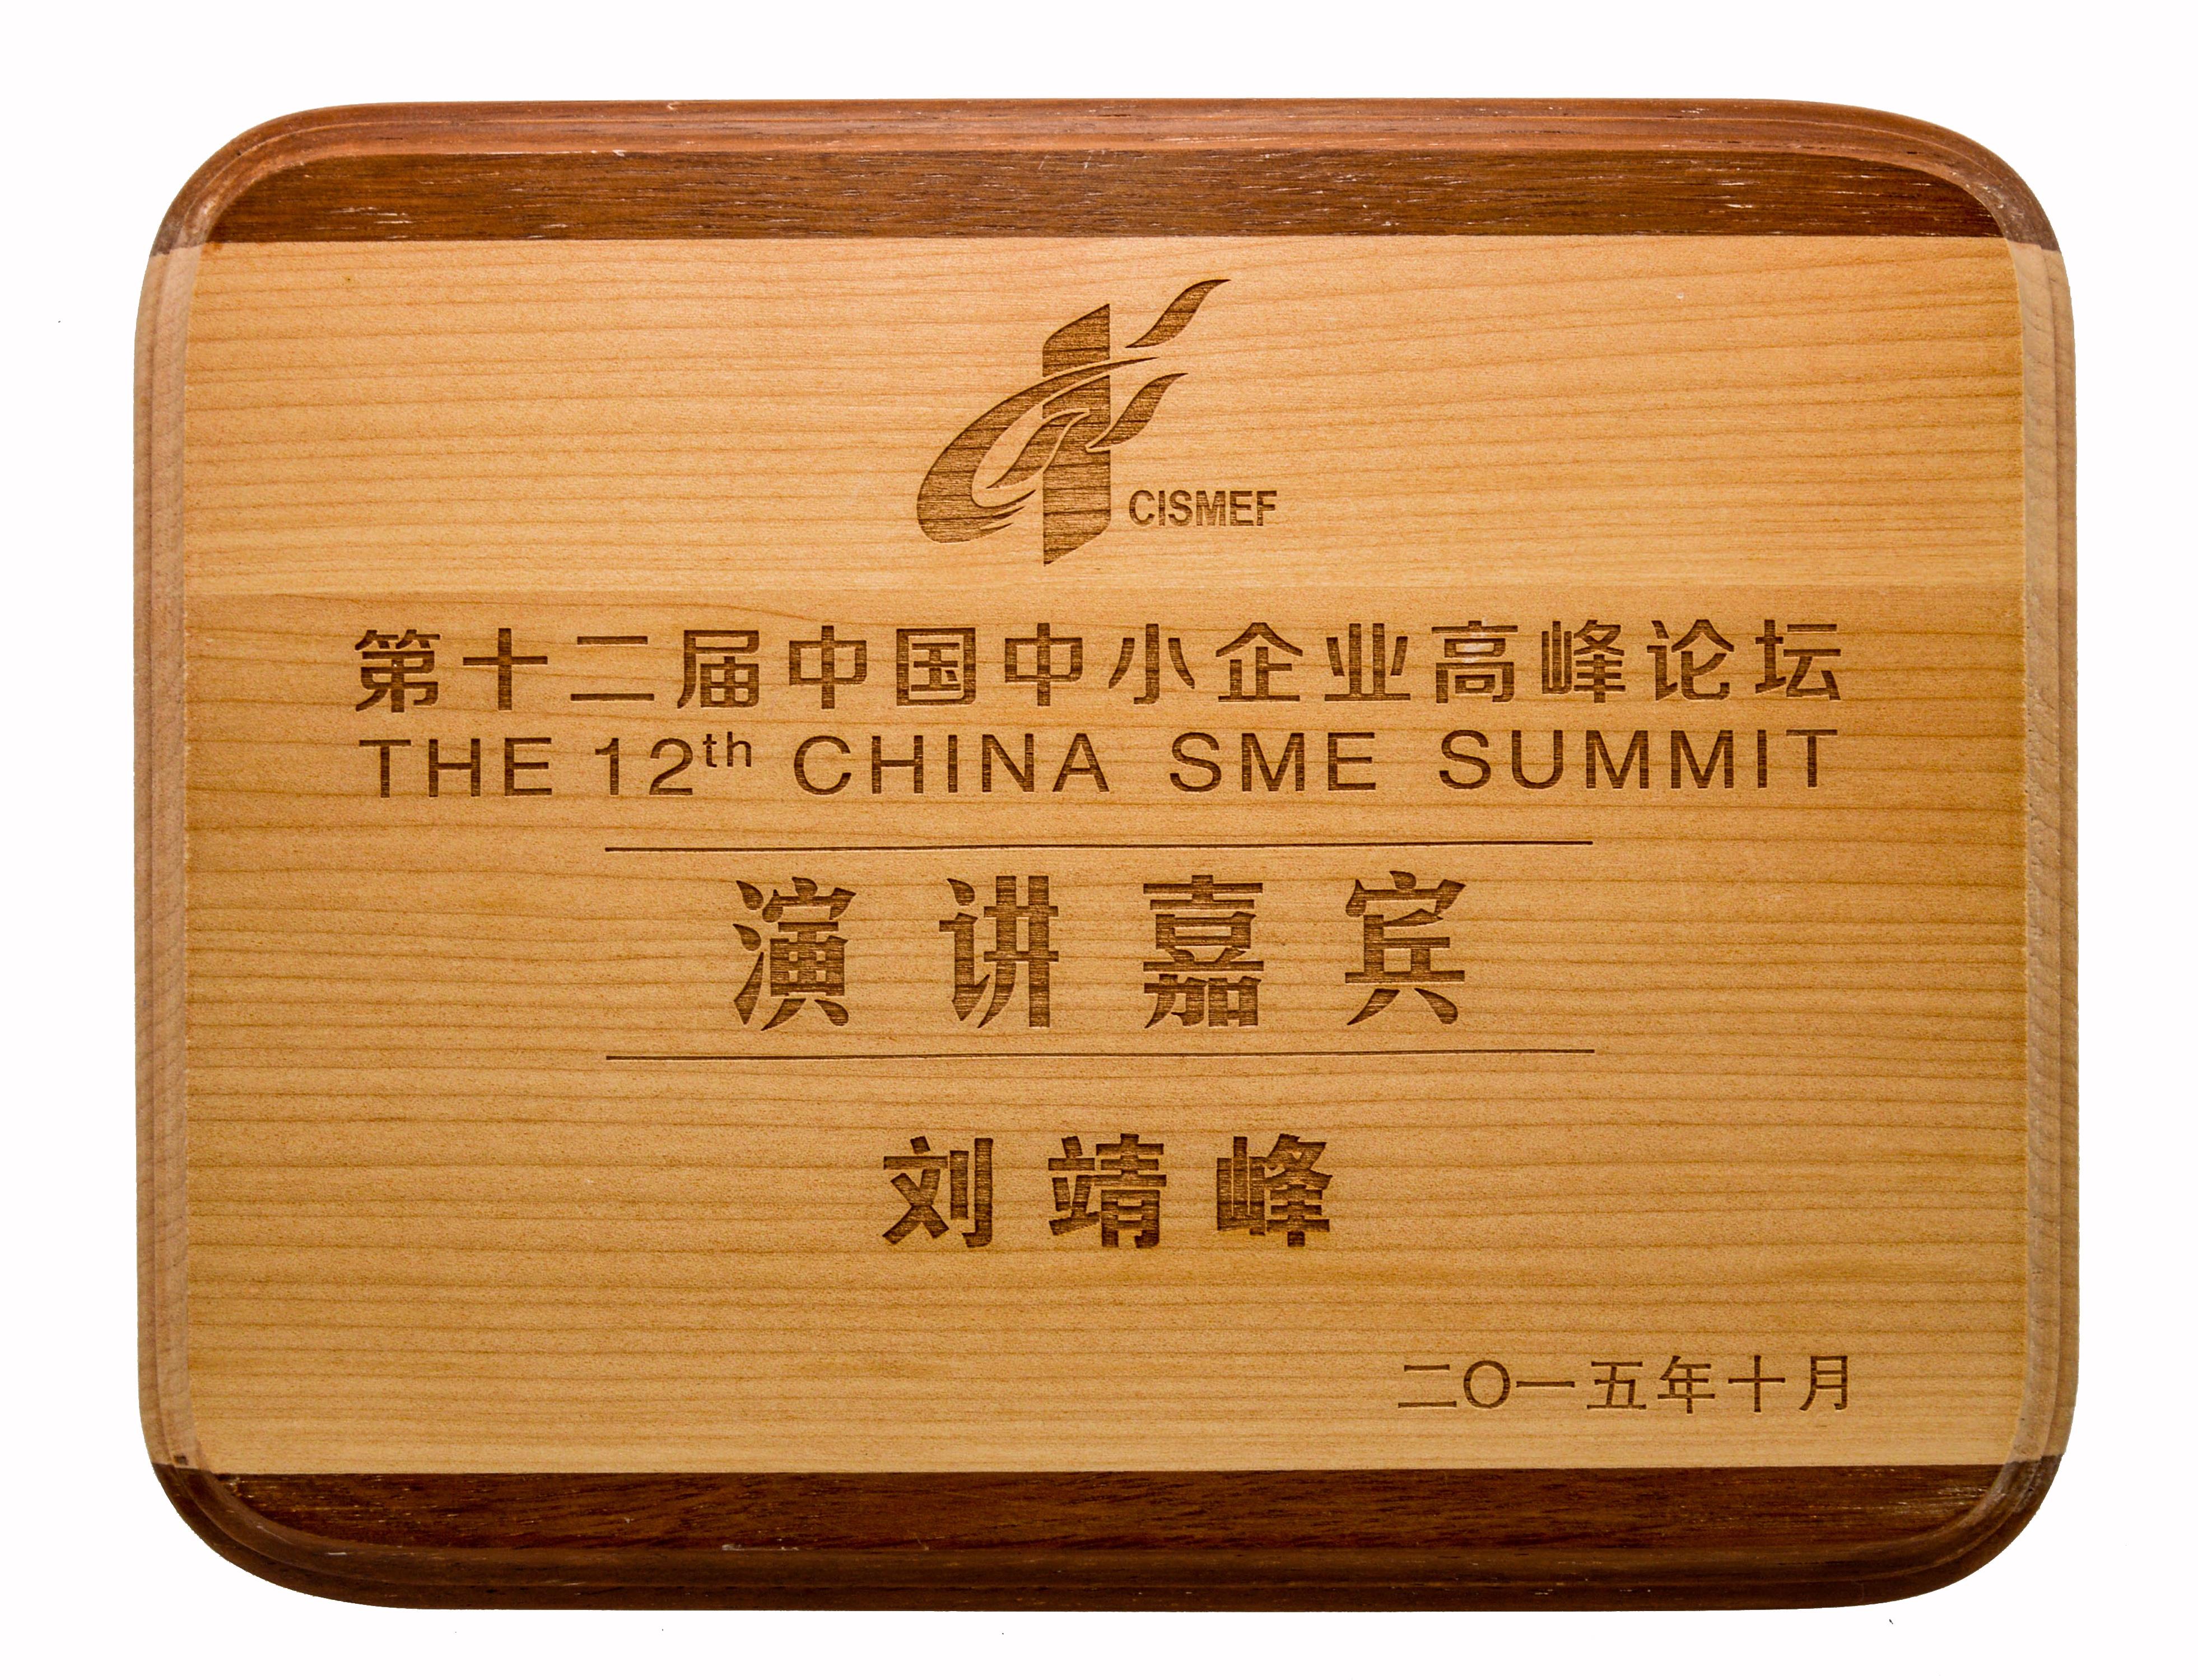 十二届中小企业高峰论坛演讲嘉宾